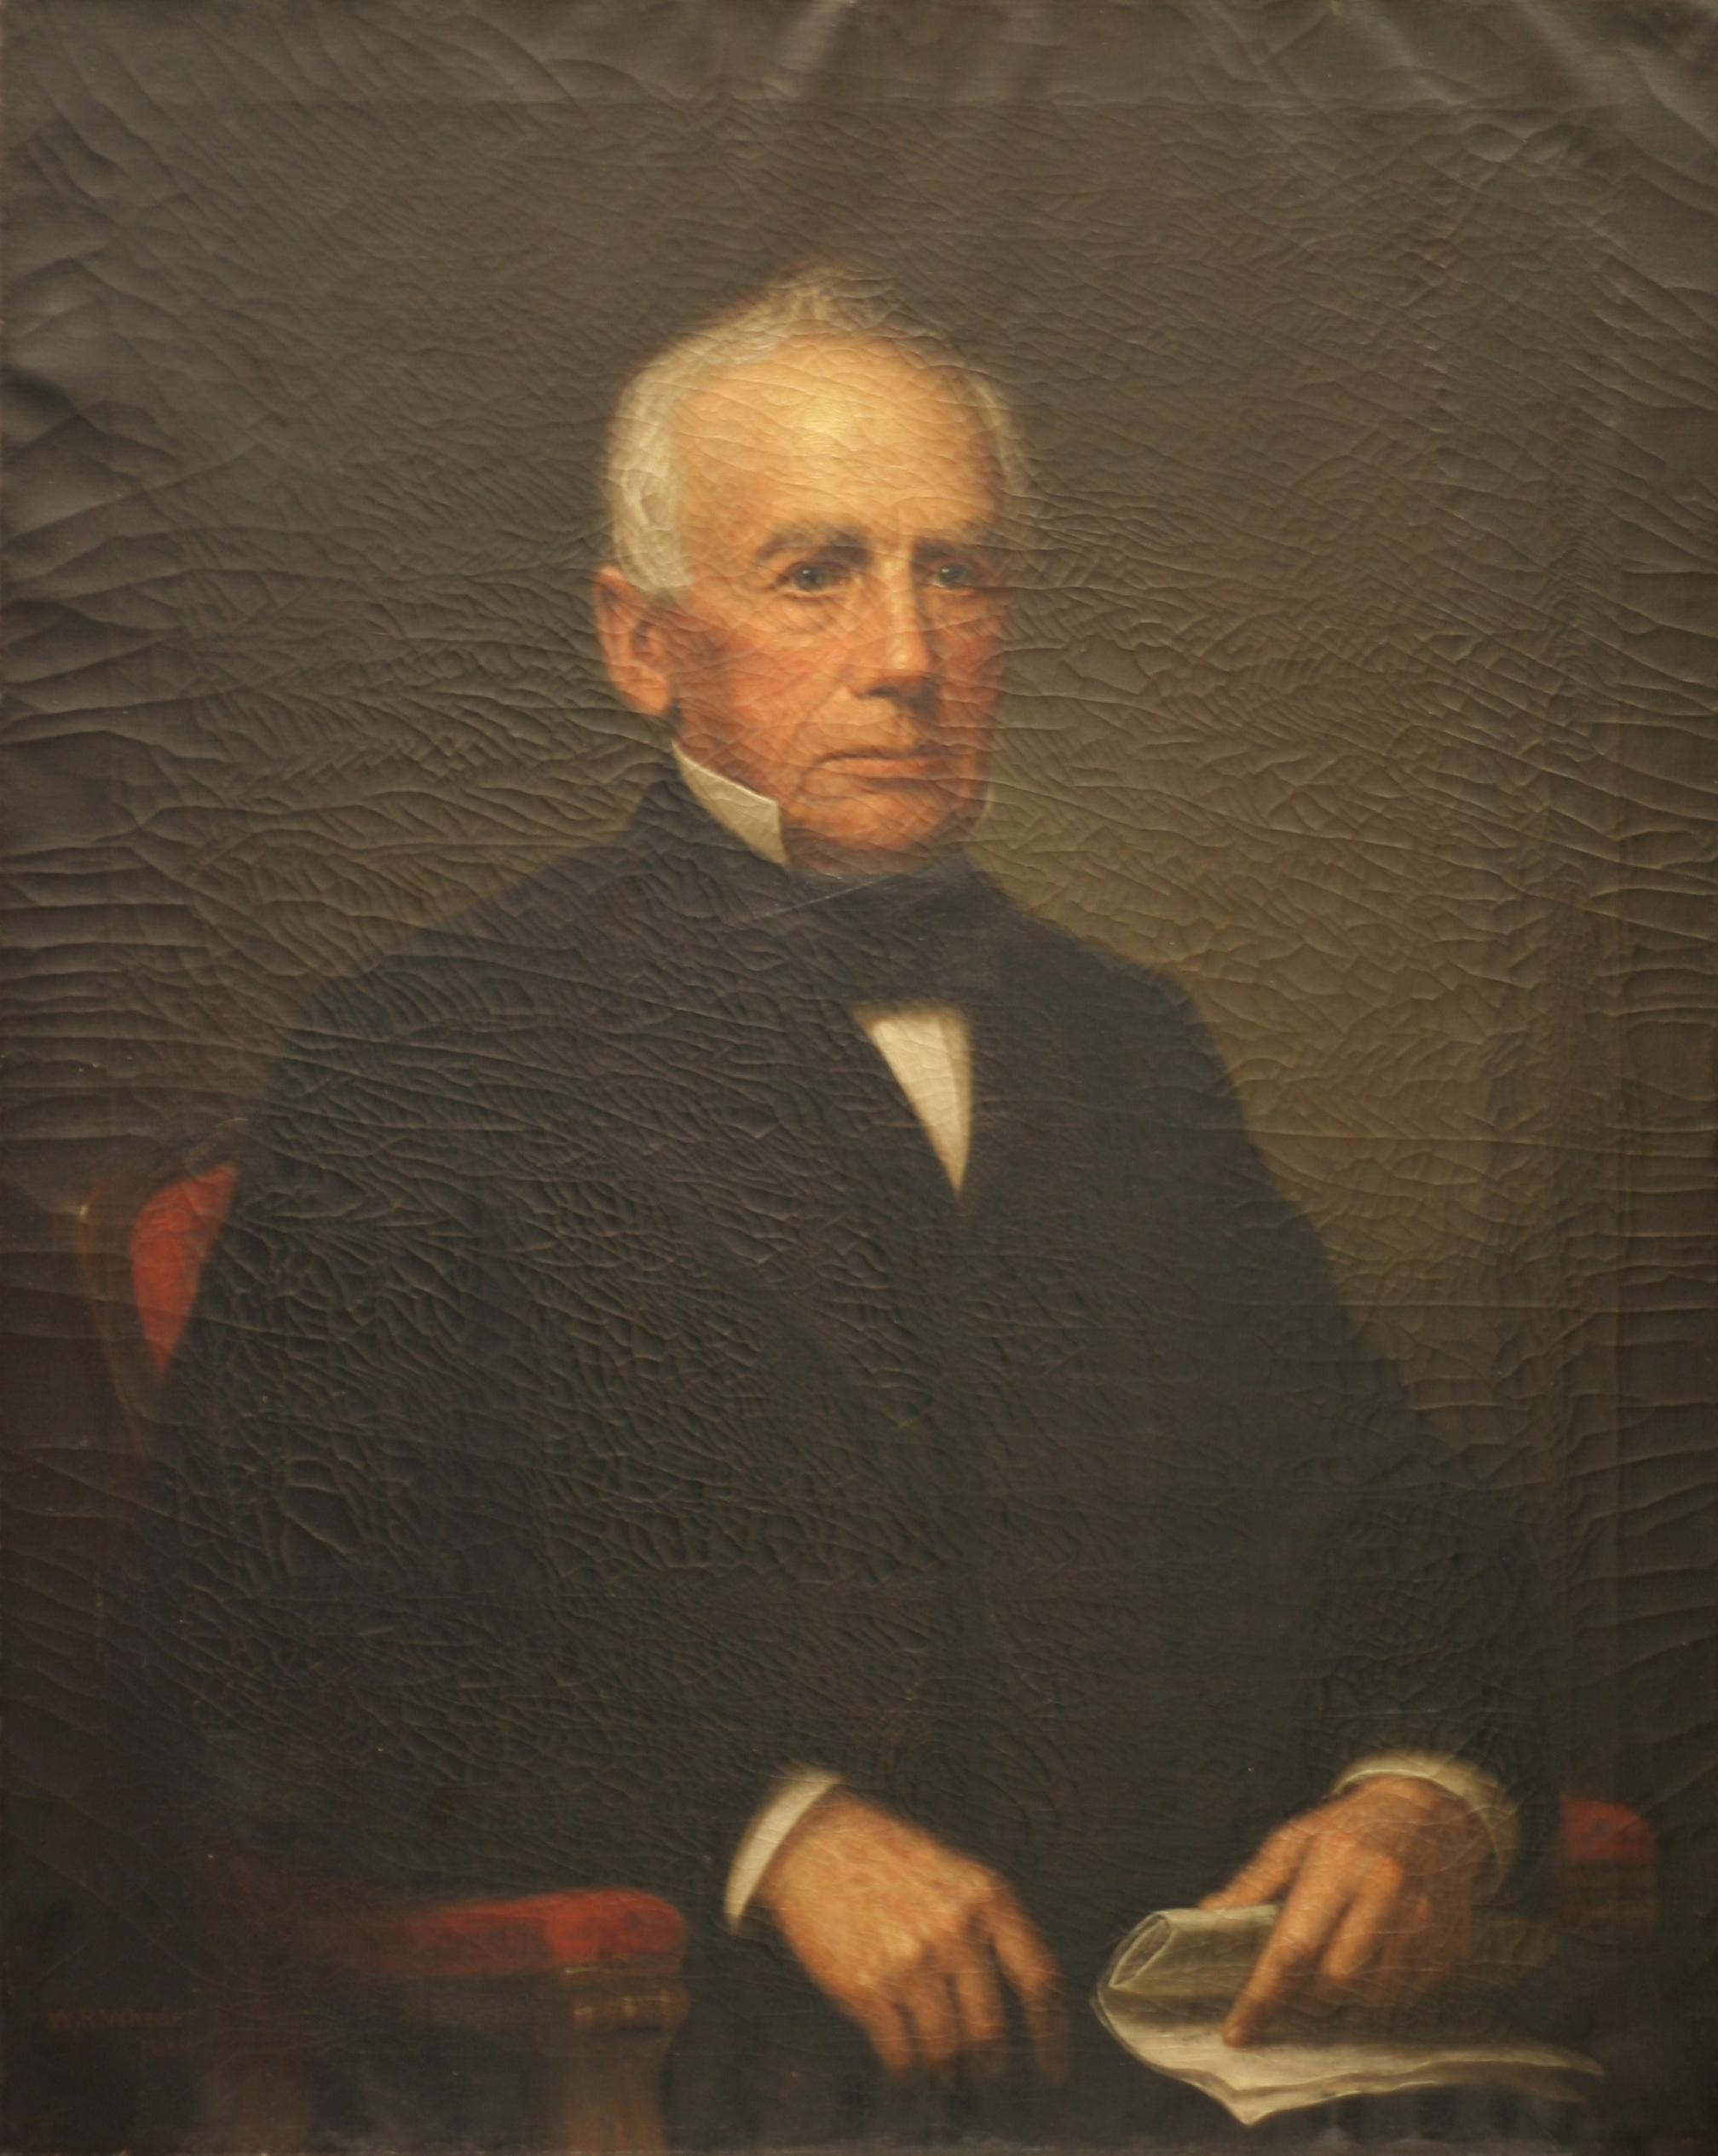 John Boynton portrait